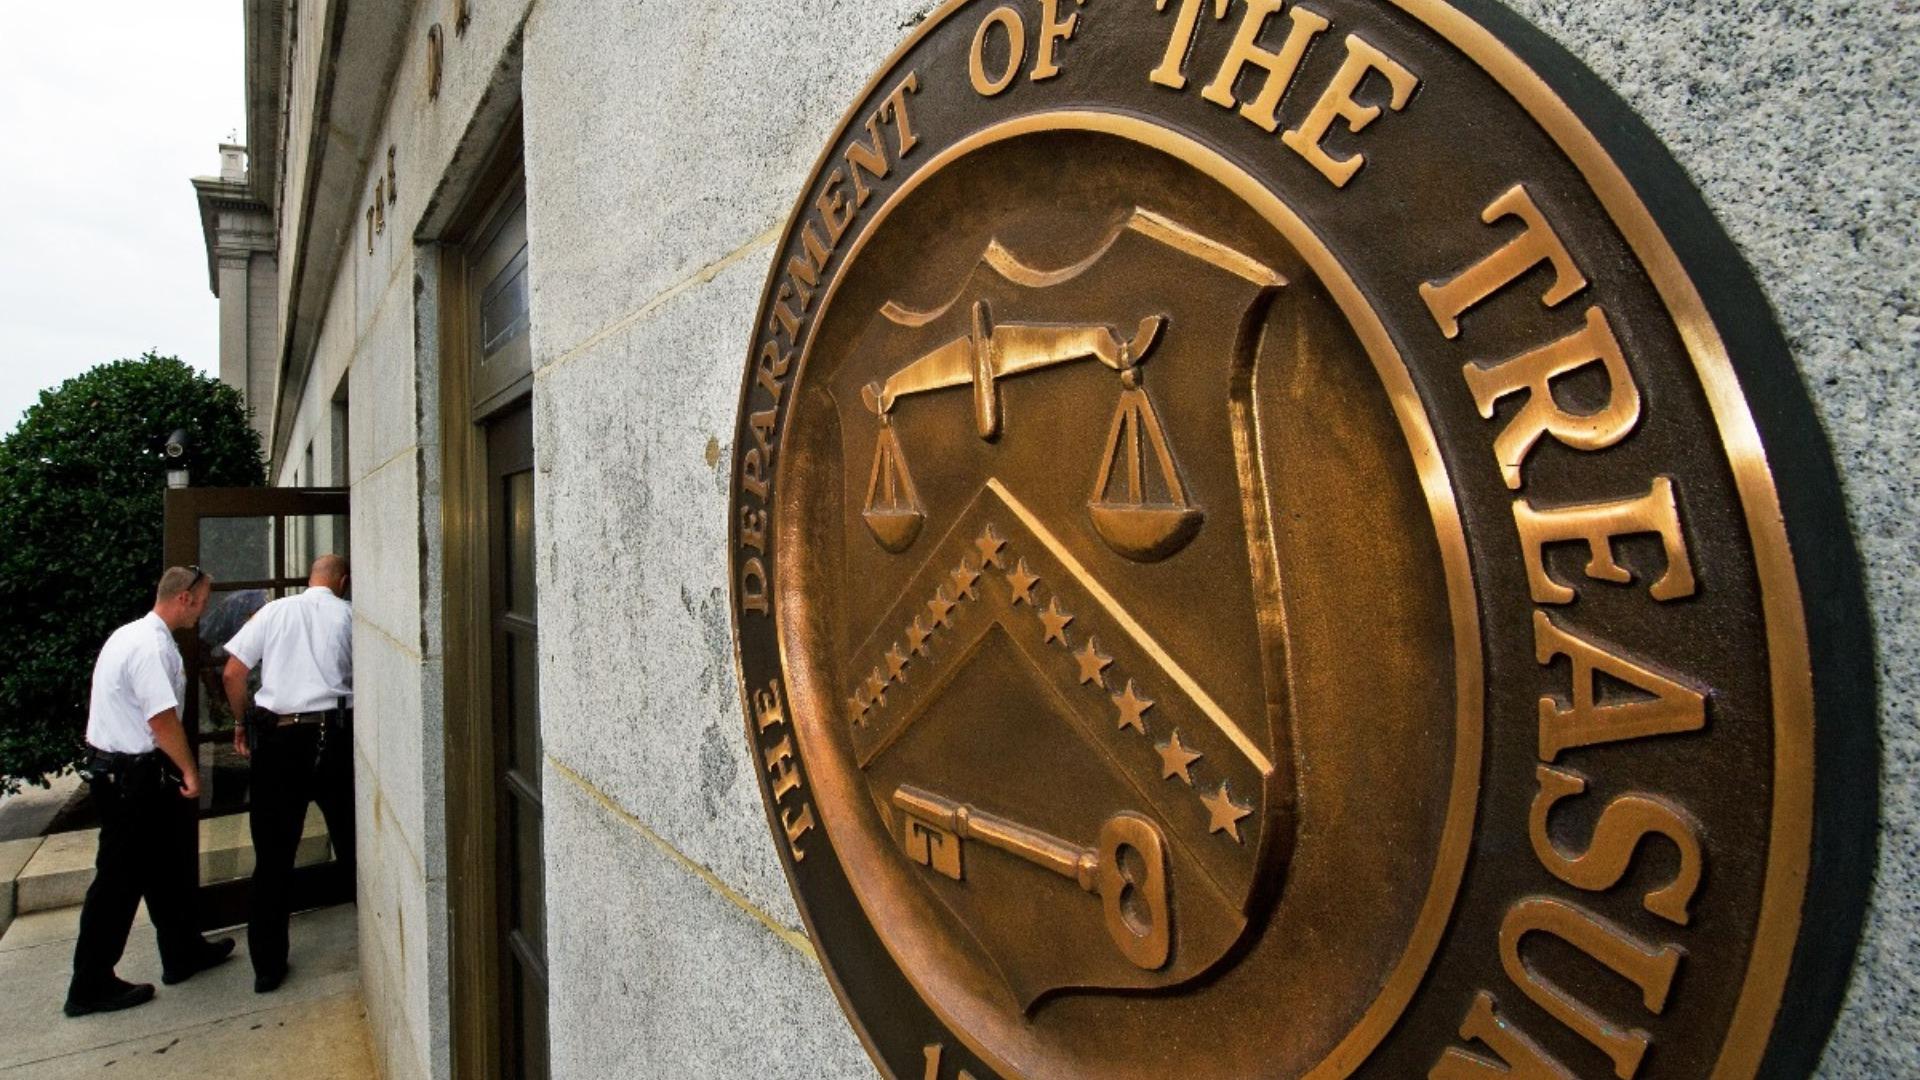 Departamento del Tesoro de EEUU sancionó a director y exdirector del Saime por presunta corrupción con pasaportes